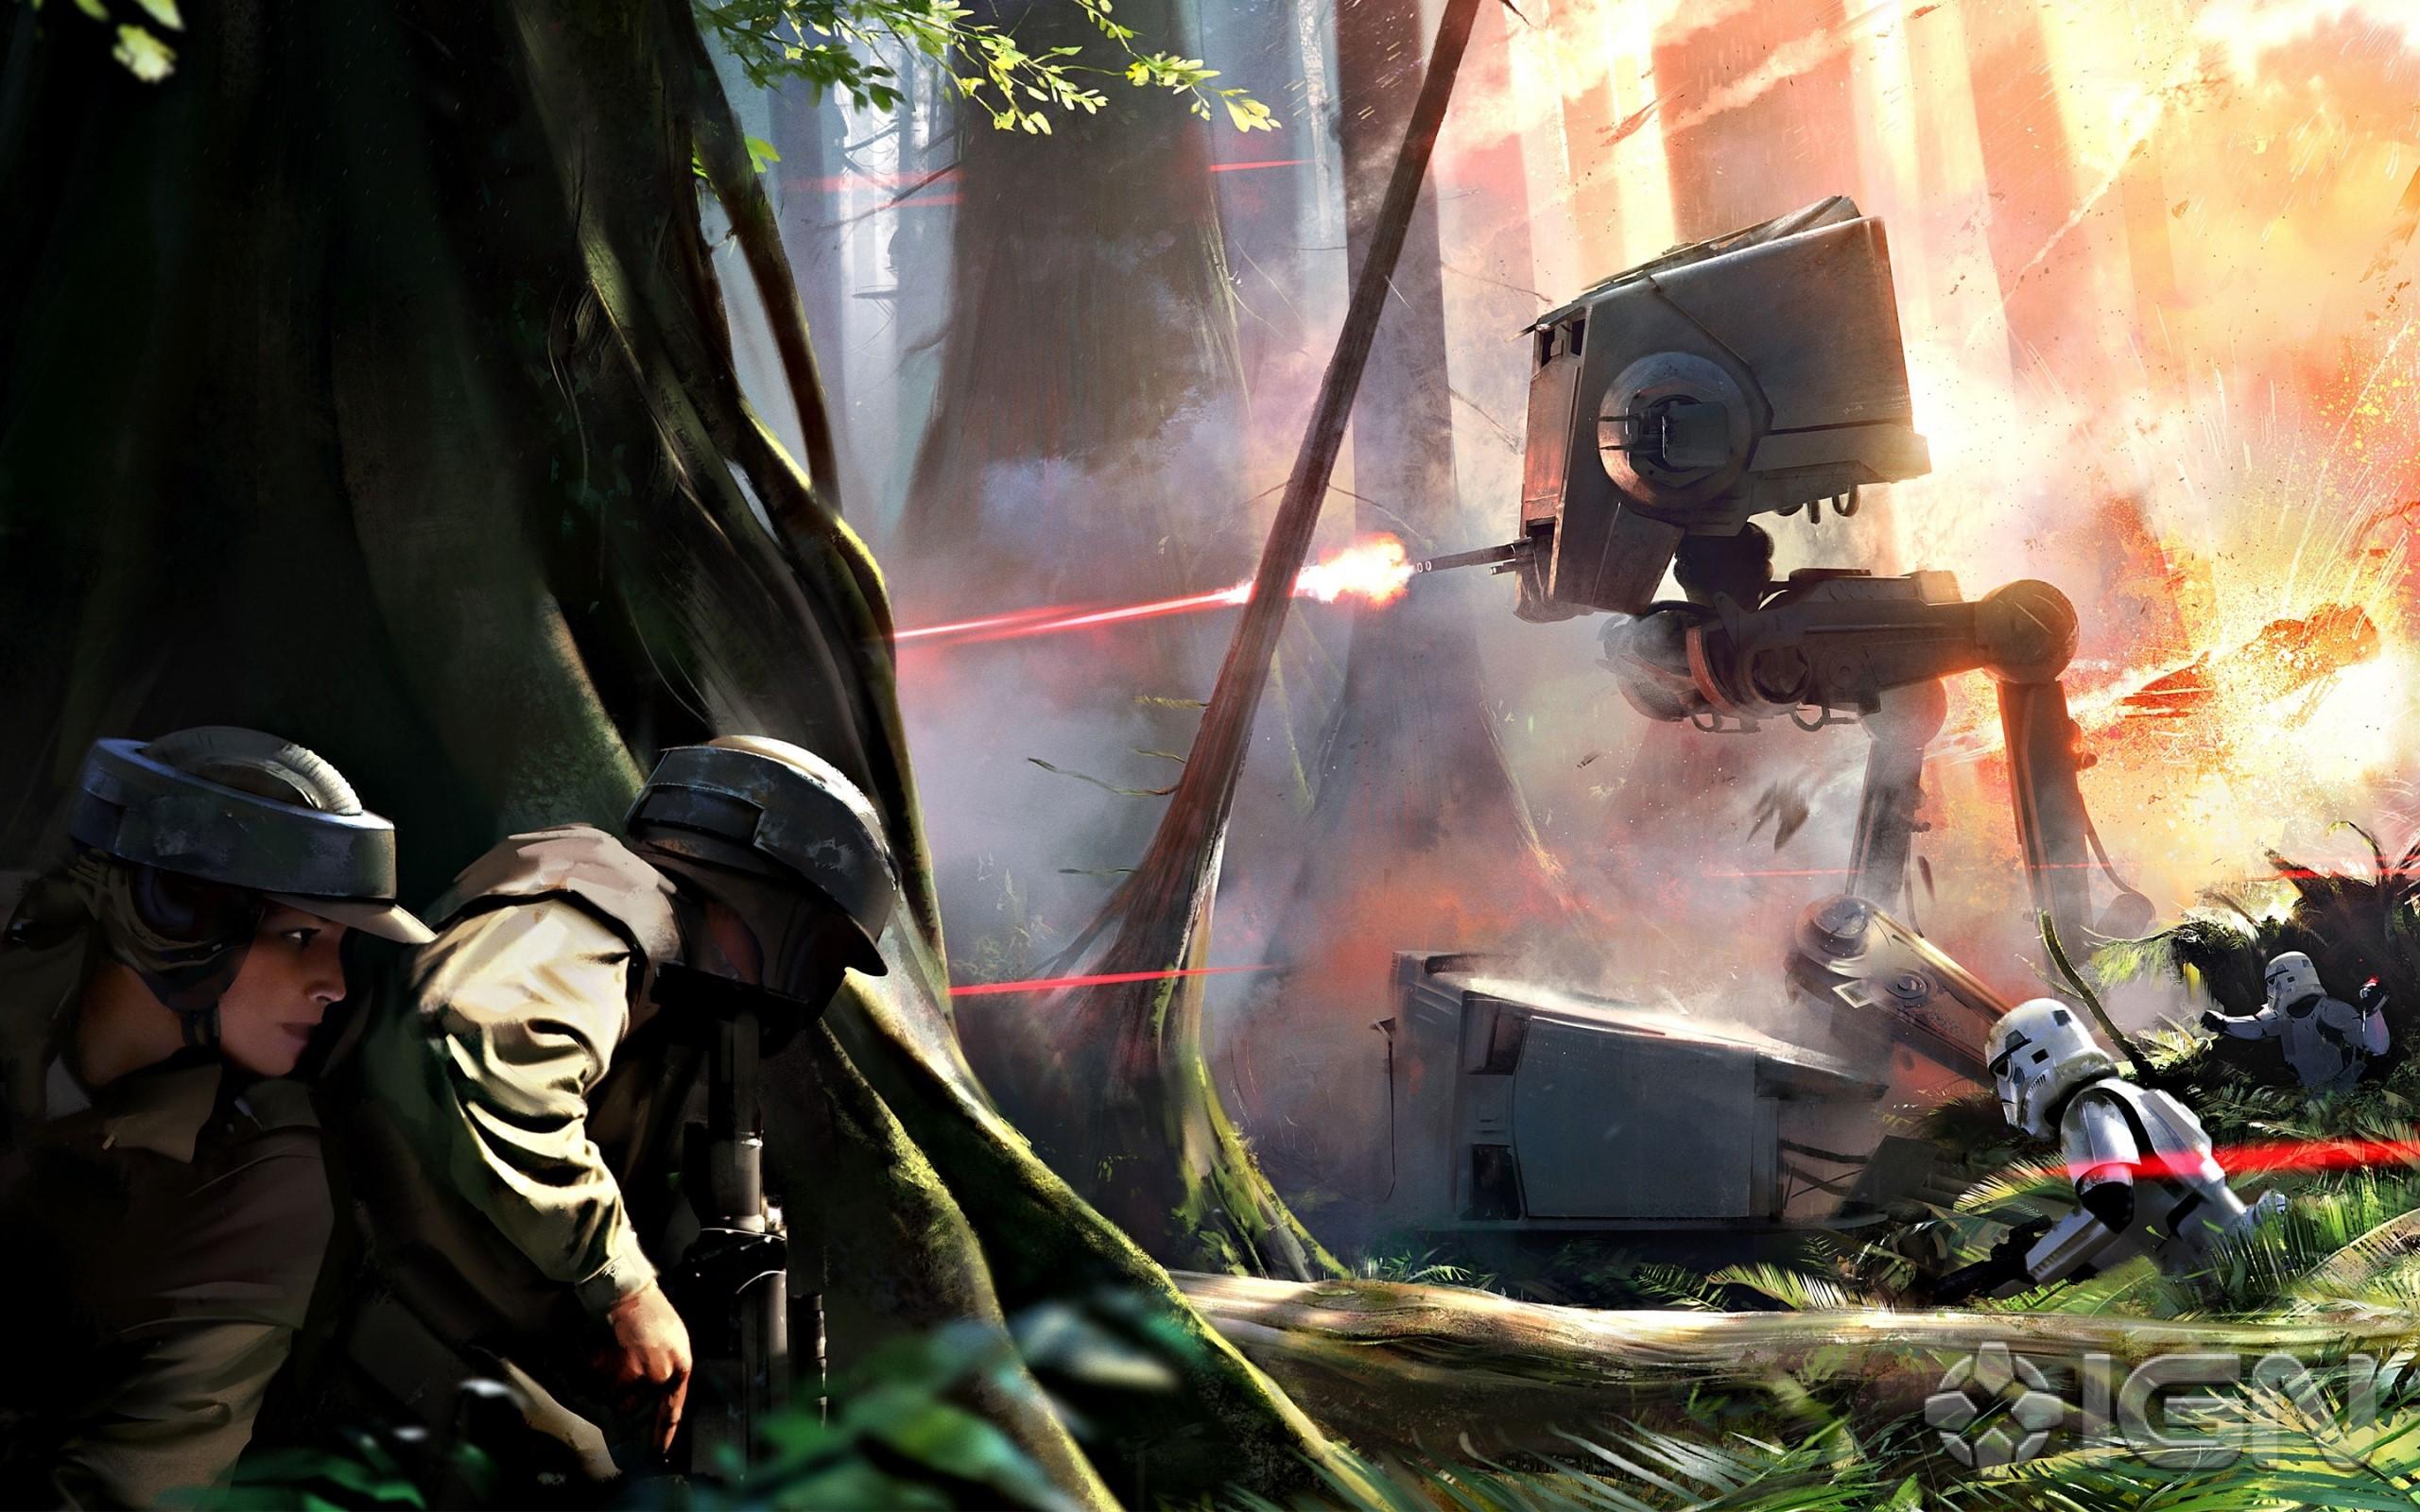 Wallpaper Game Star Wars Battlefront